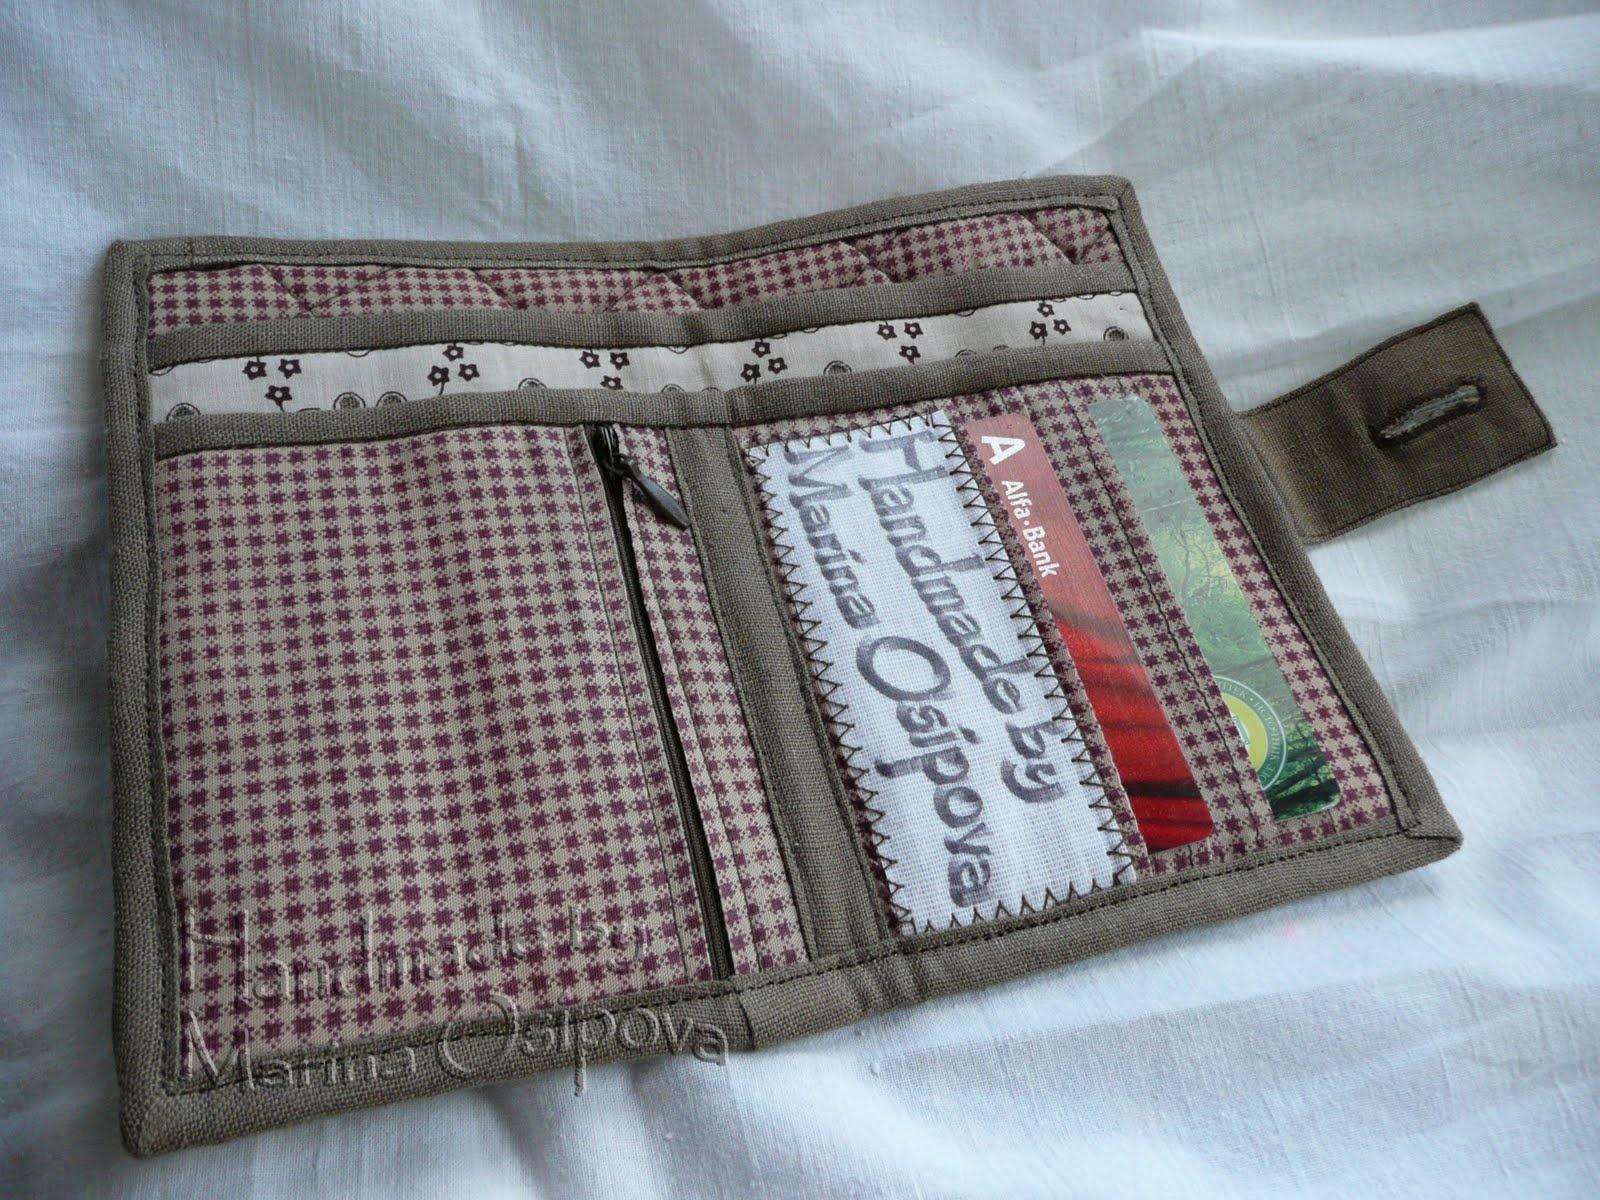 Кошельки текстильные своими руками - карточка от пользователя goshenka в Яндекс.Коллекциях